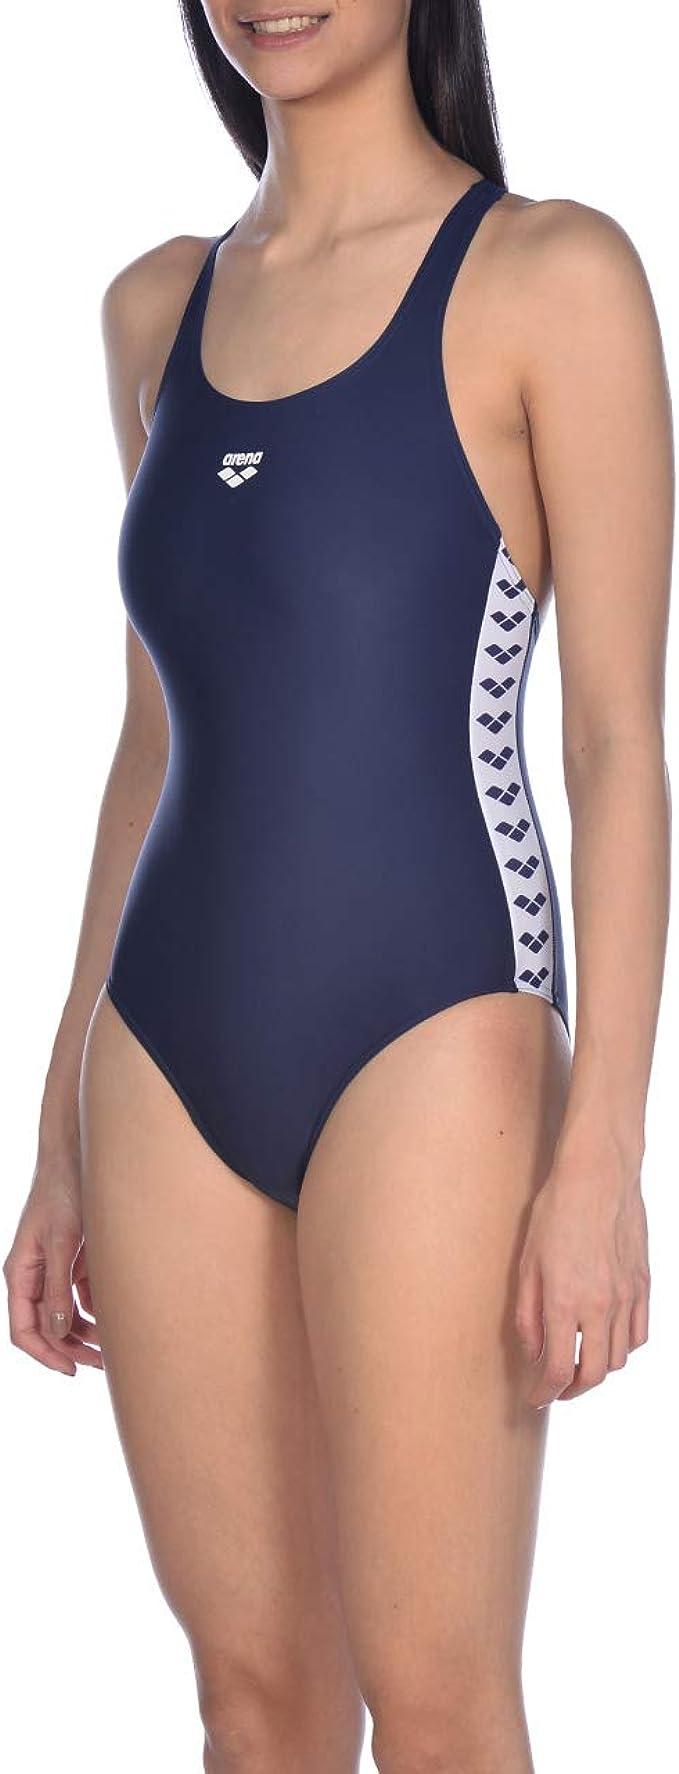 ARENA Damen Damen Sport Badeanzug Team Fit Badeanzug